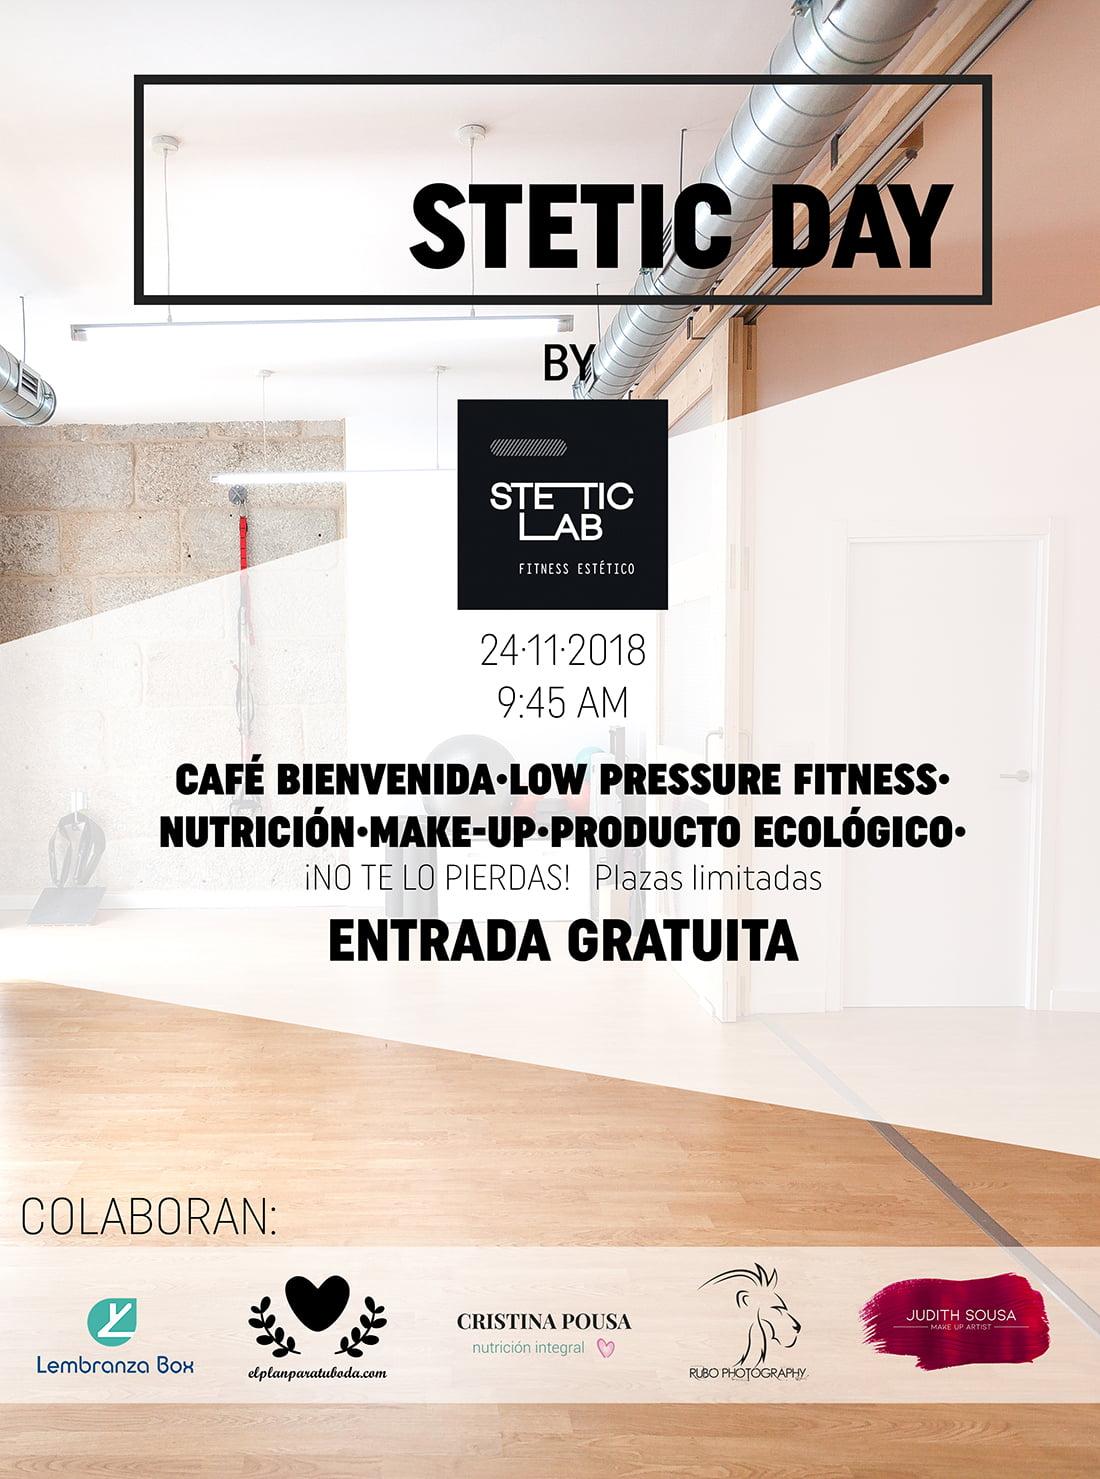 Stetic Day Vigo